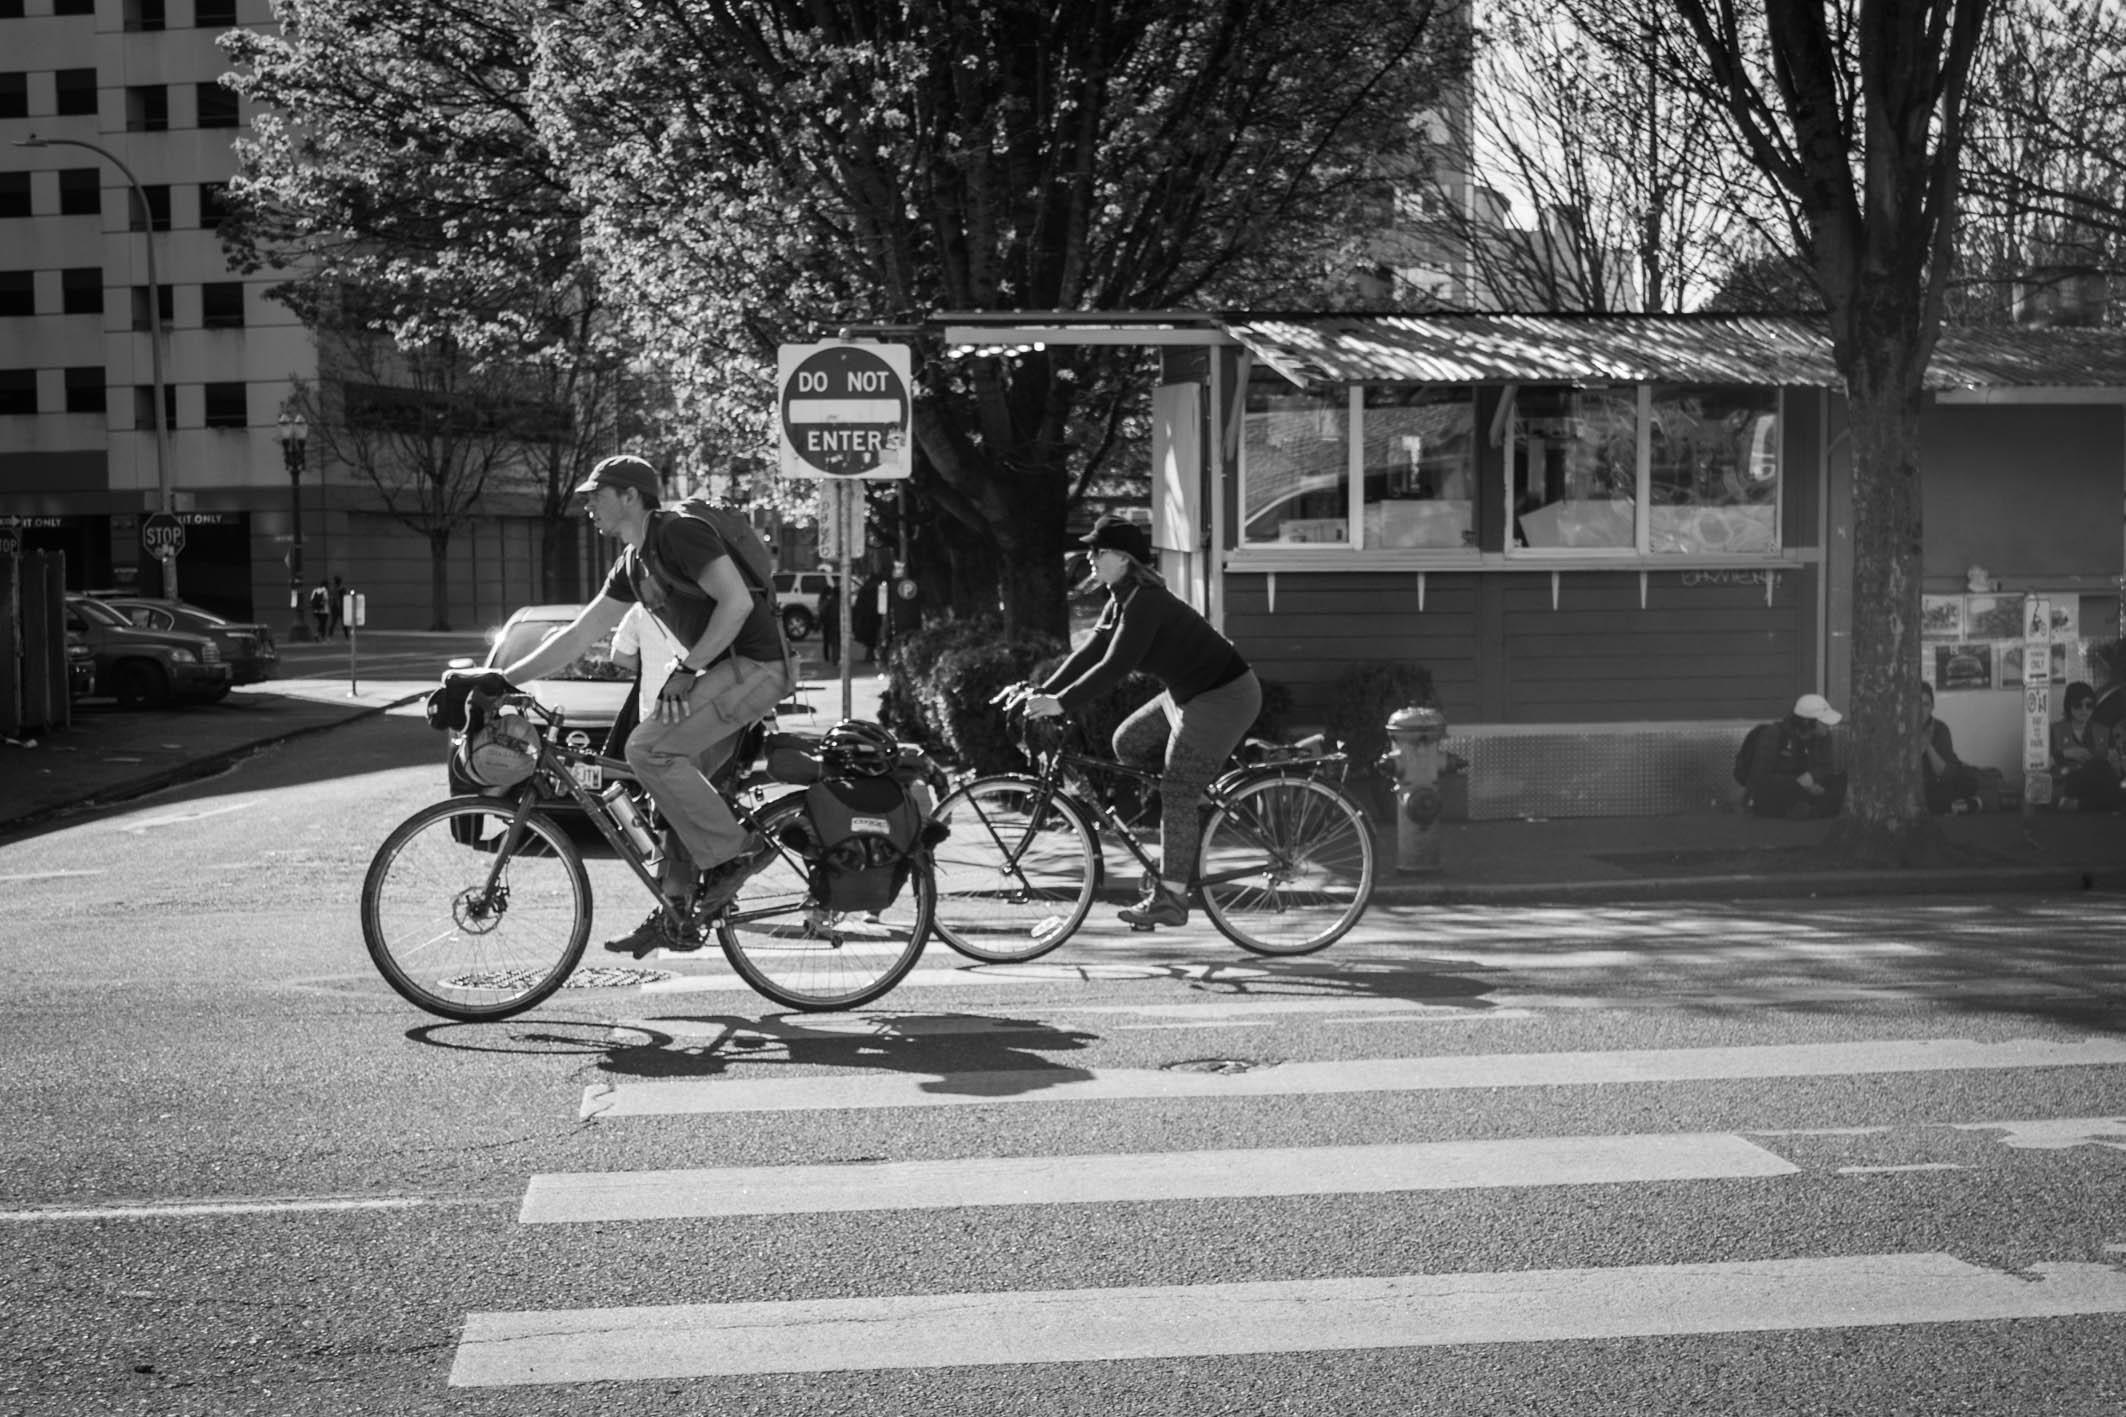 32e photo sur le thème Image de rue